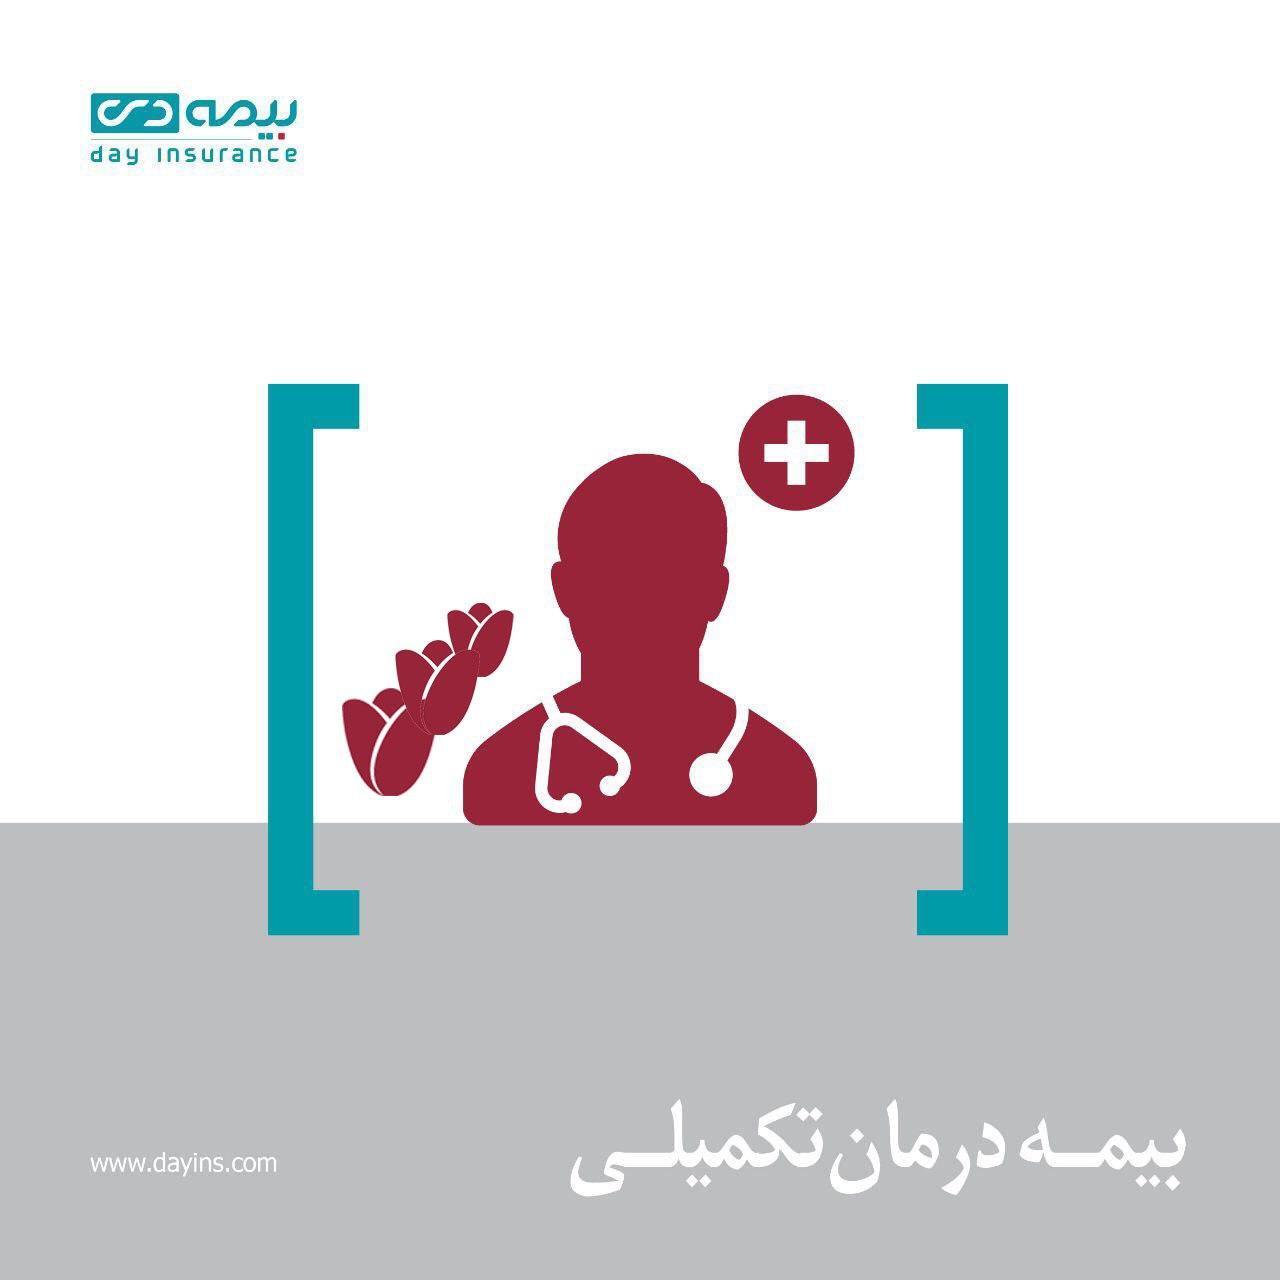 خدمات ویژه بیمه دی به جامعه ایثارگری (+جزئیات)